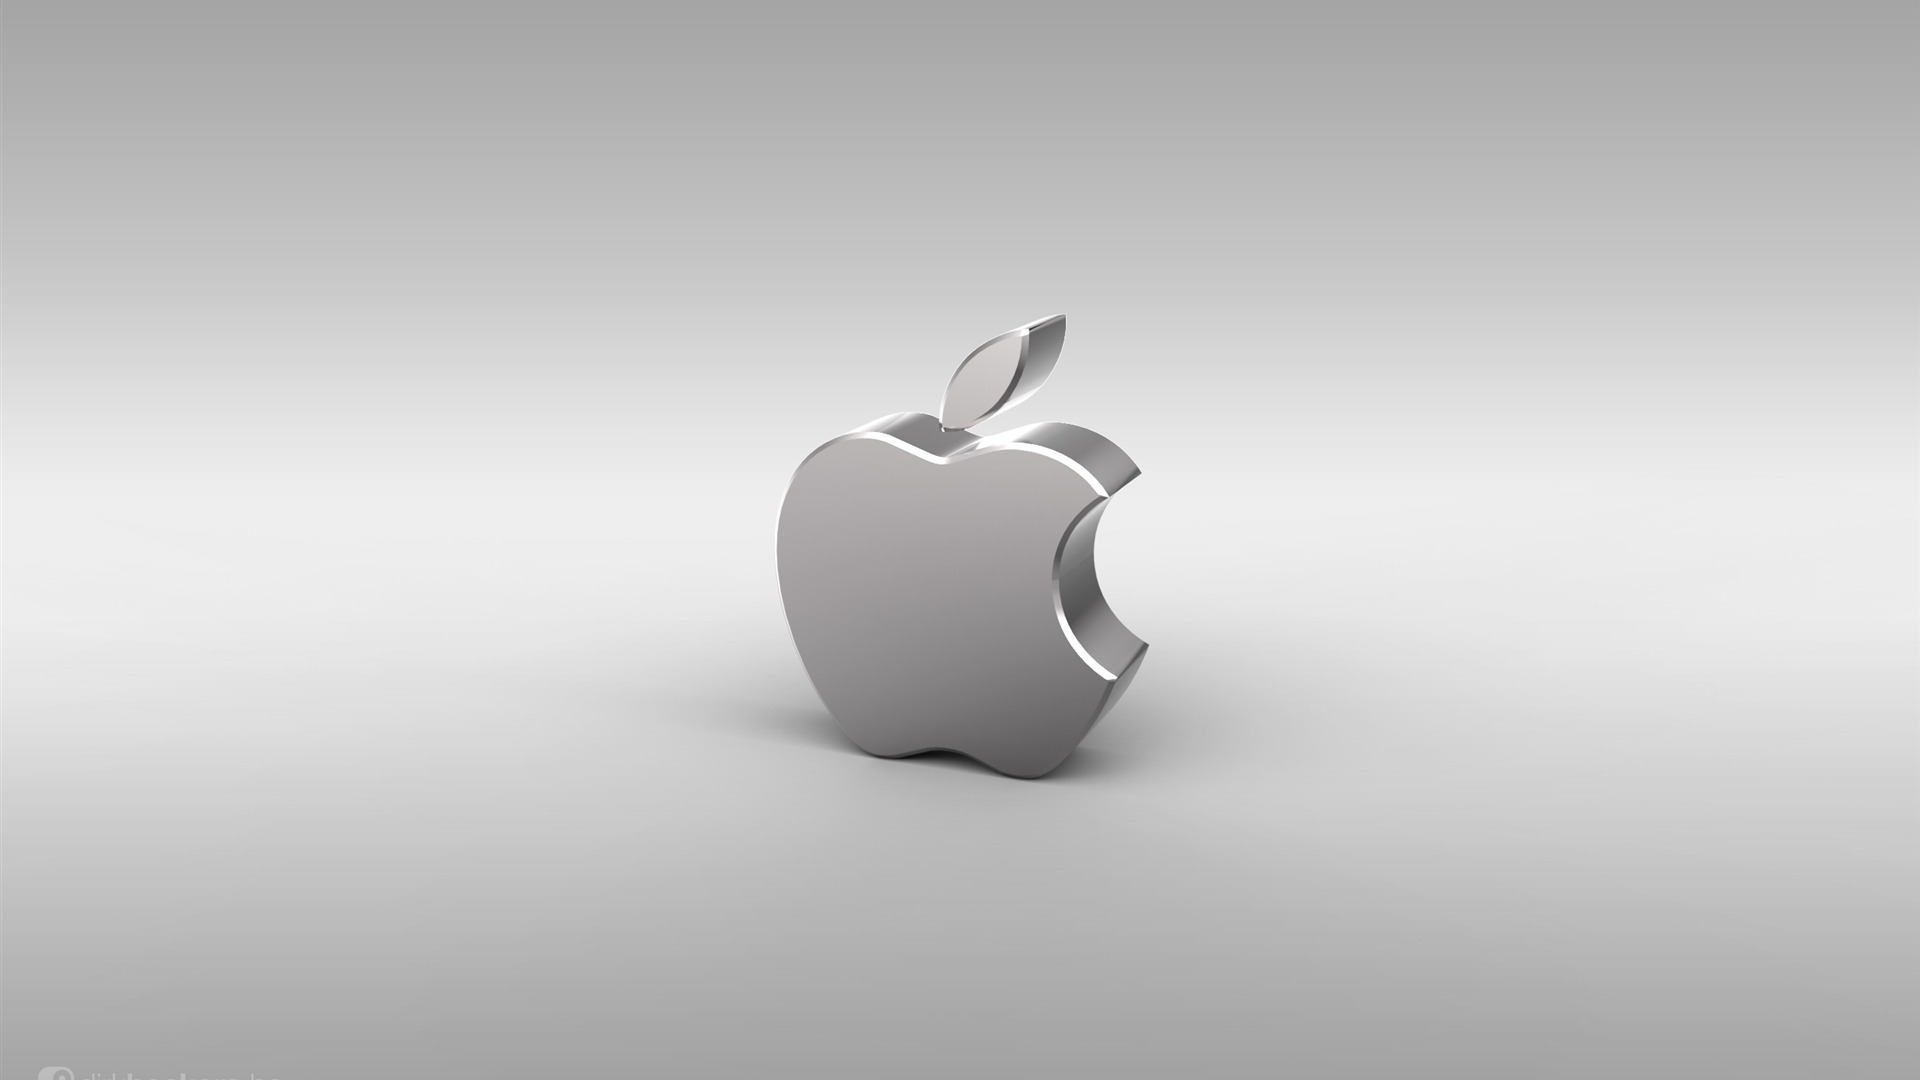 Logotipo De Apple De Plata Piense En El Fondo De Escritorio